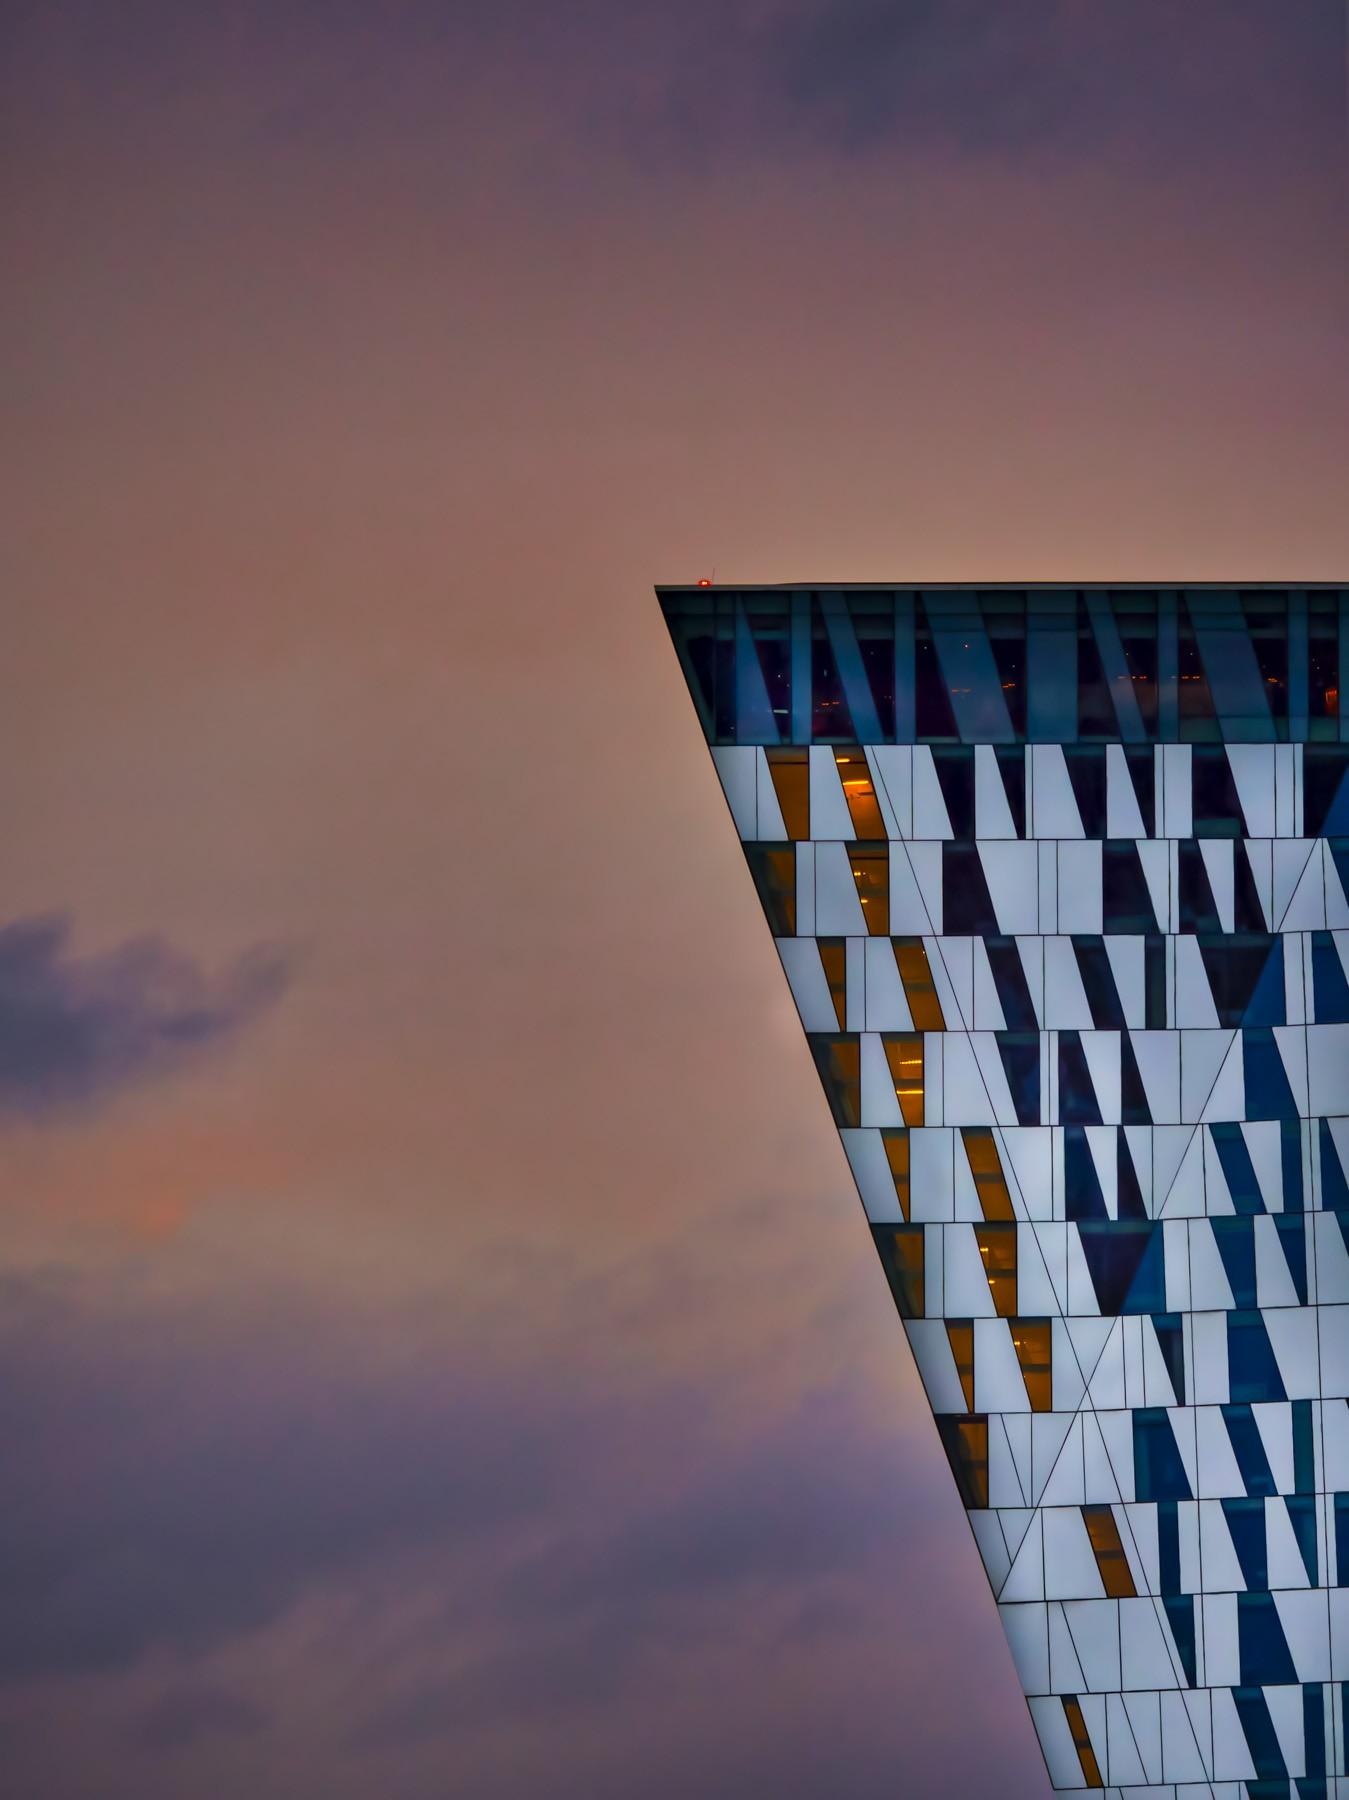 Bella Sky i Bellakvarter, 2020